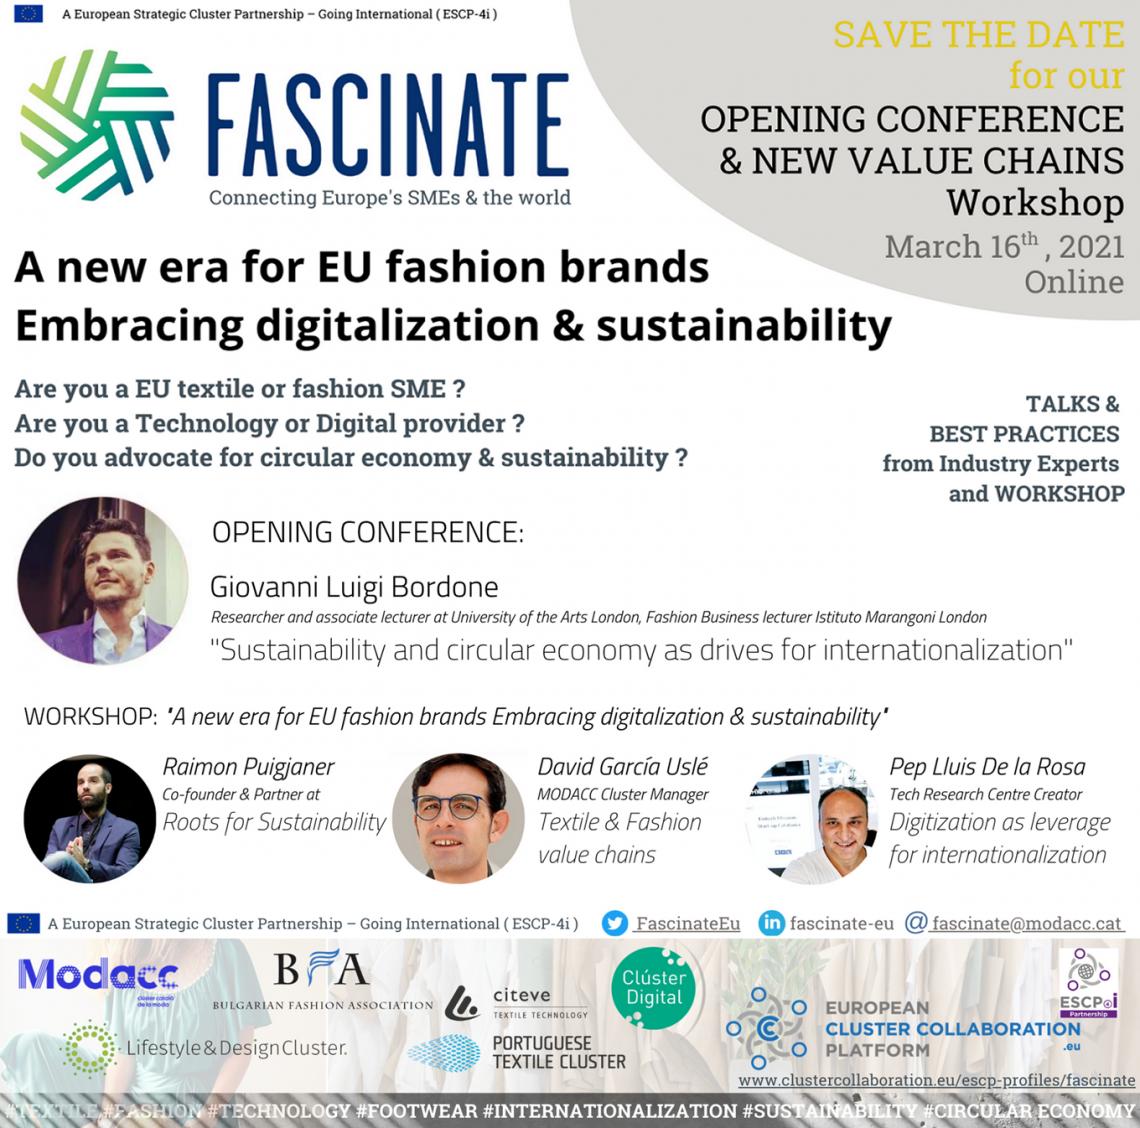 Нова ера за европейските модни марки: Дигитализация и устойчивост